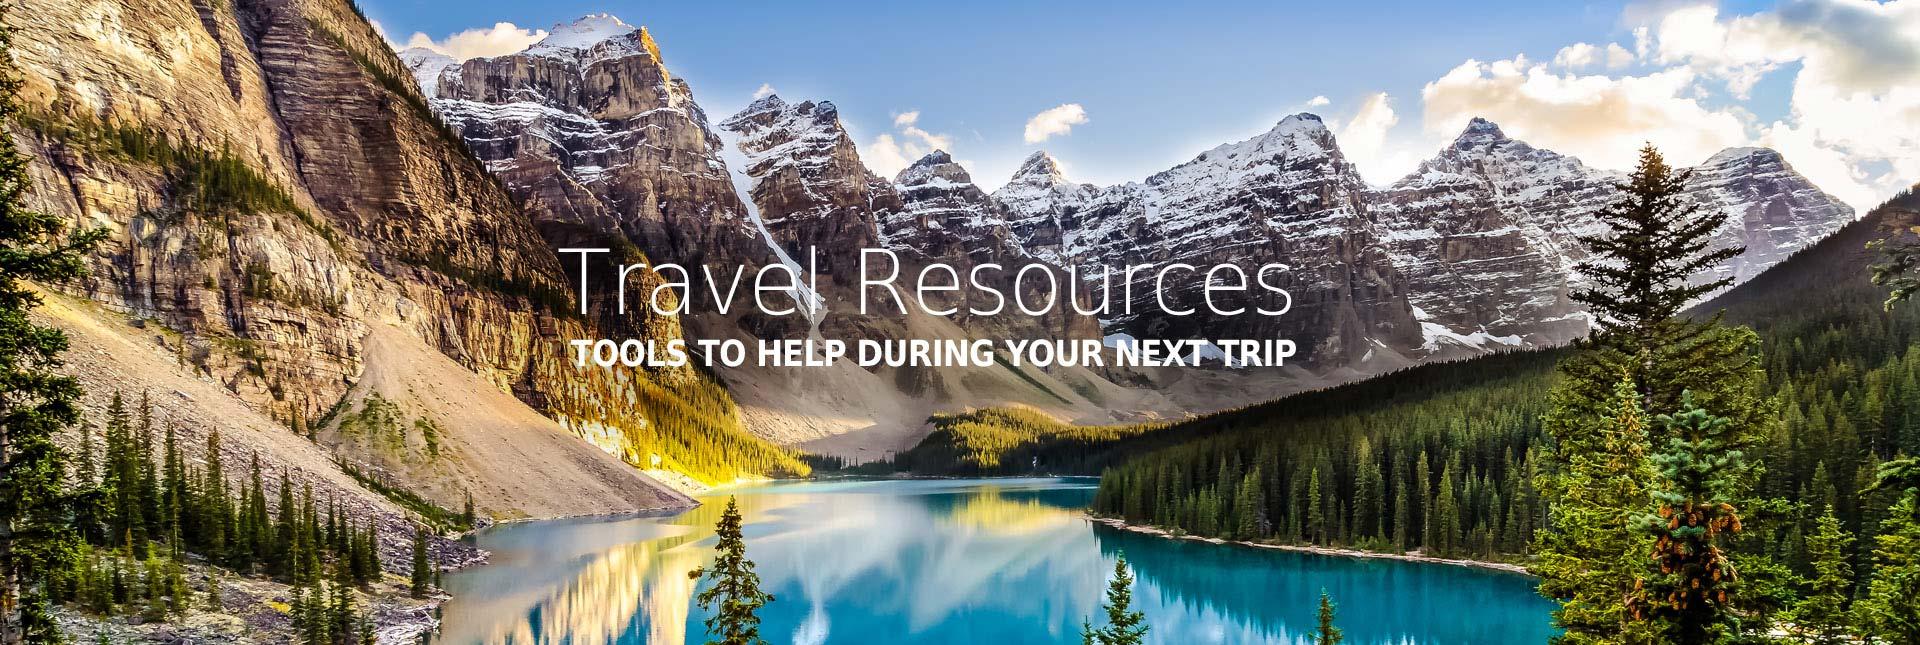 travelresources_smaller